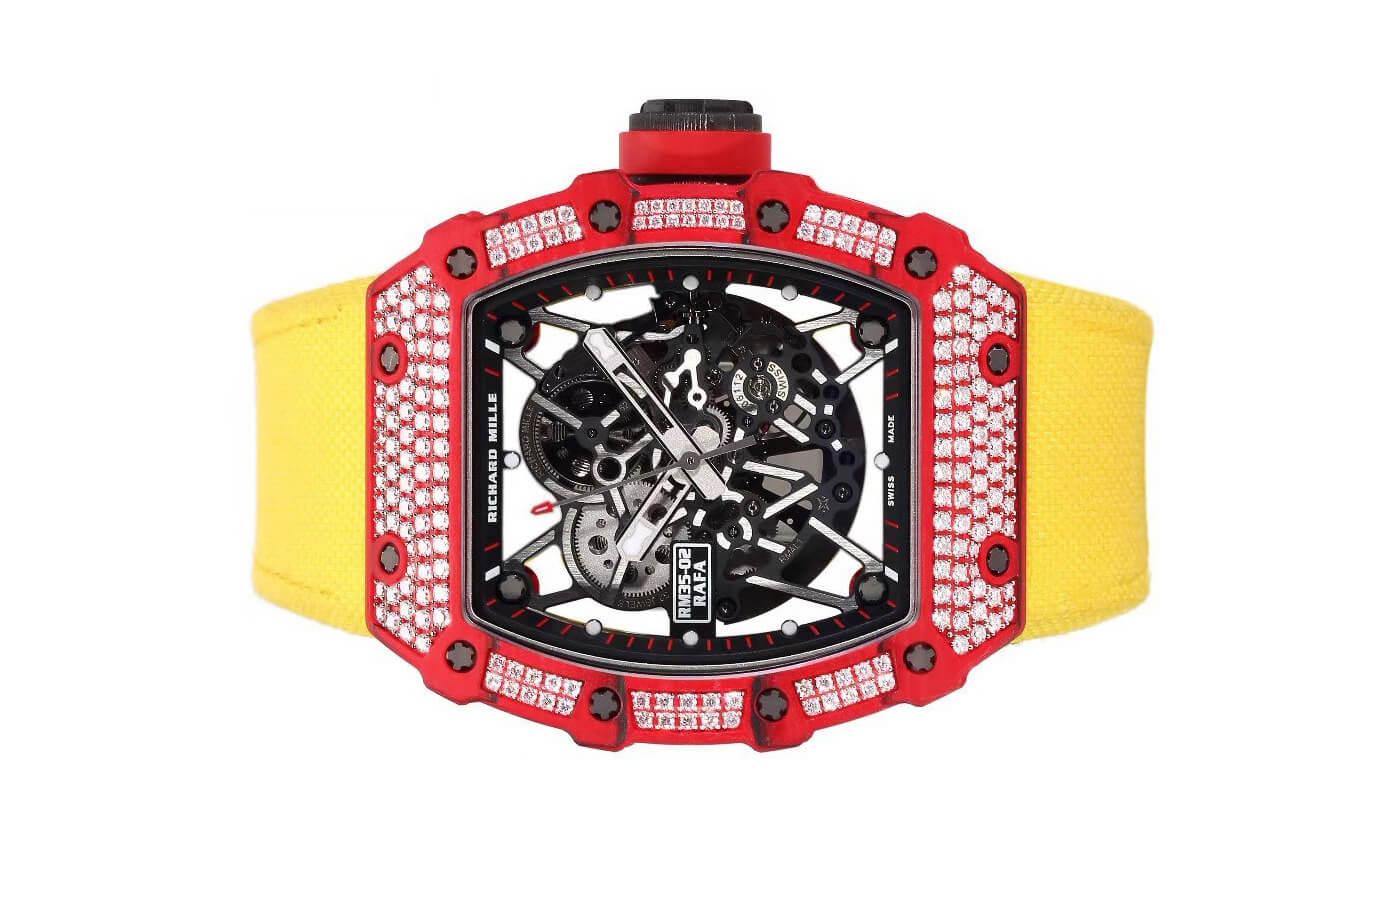 Đồng hồ Richard Mille RM 35-02 Automatic Winding Rafael Nadal đỏ đính kim cương